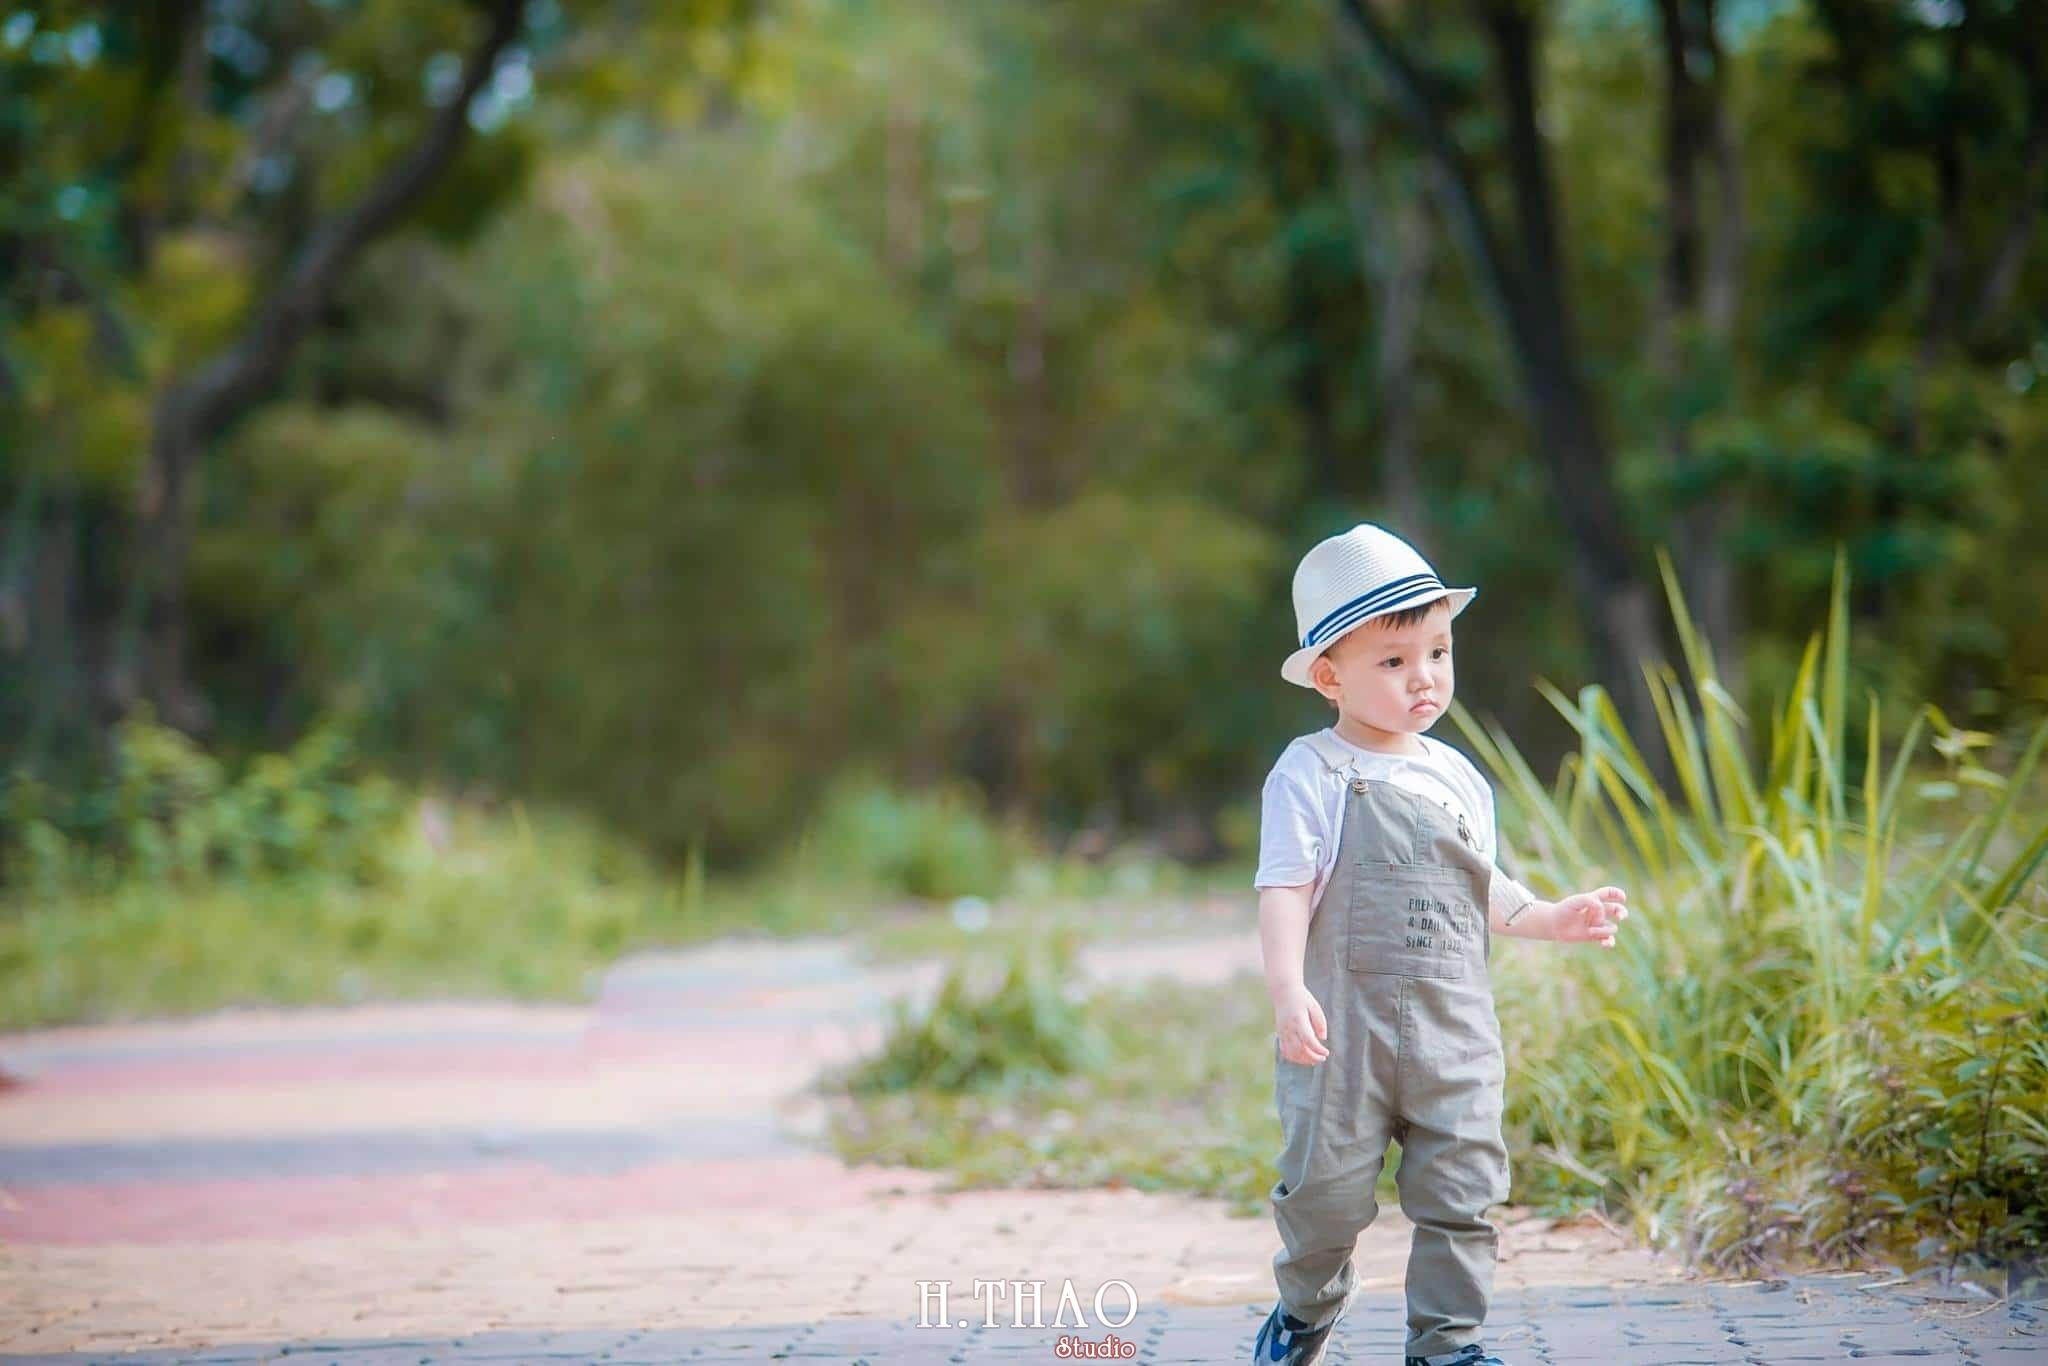 Anh tre em HThao Studio 19 - Ảnh chụp bé Judo - Công viên Gia Định Tp.HCM